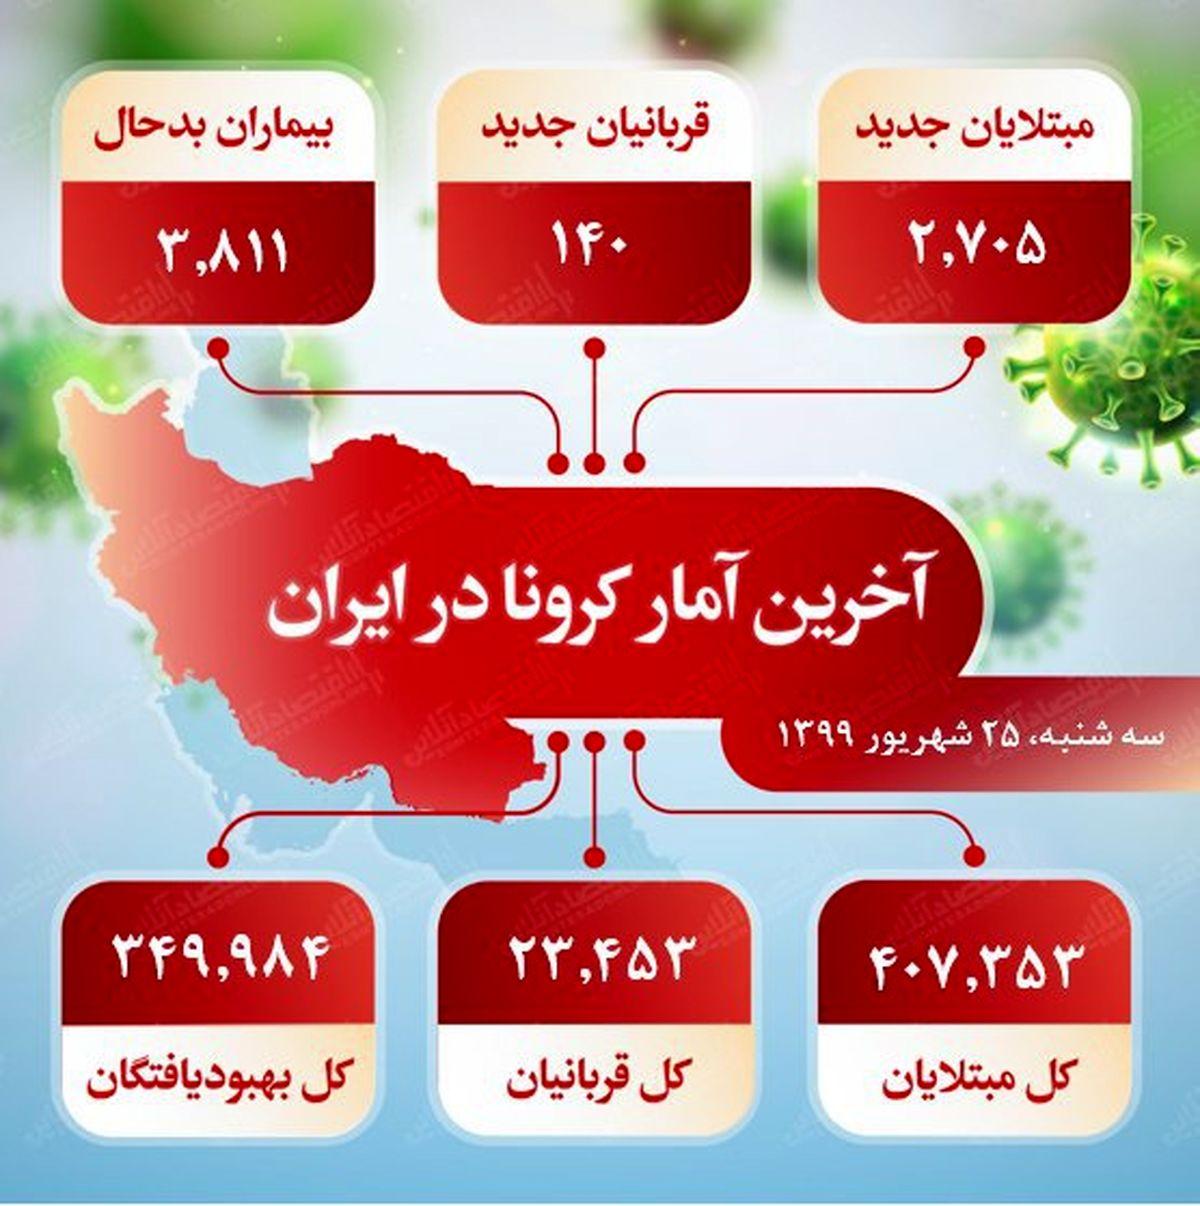 آخرین آمار کرونا در ایران (۱۳۹۹/۶/۲۵)